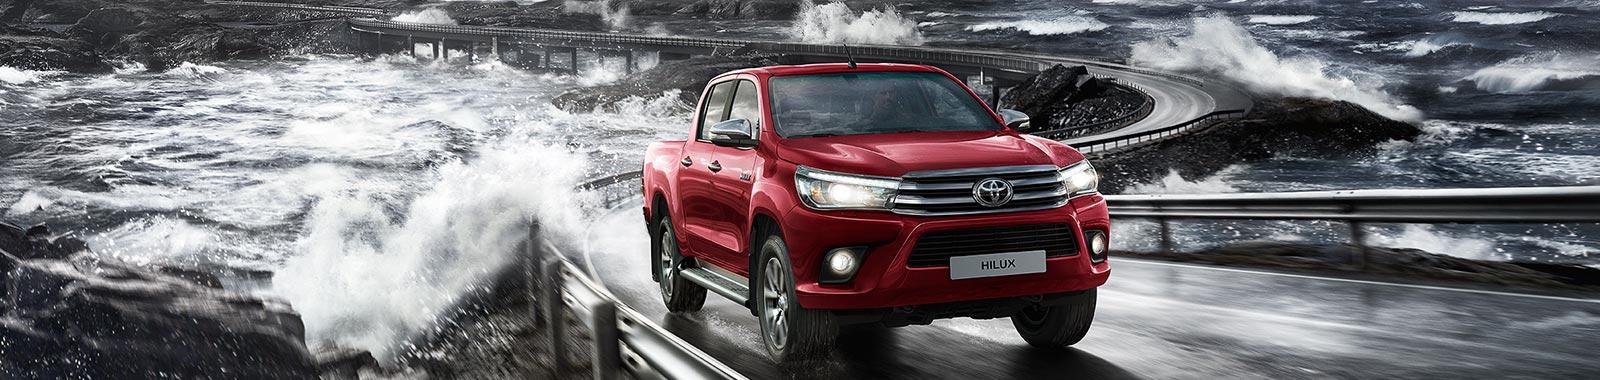 Toyota Hilux 2.4 D-4D 4WD 2 porte Extra Cab Lounge (Diesel) - Dimensioni, Consumi e Dotazioni di serie